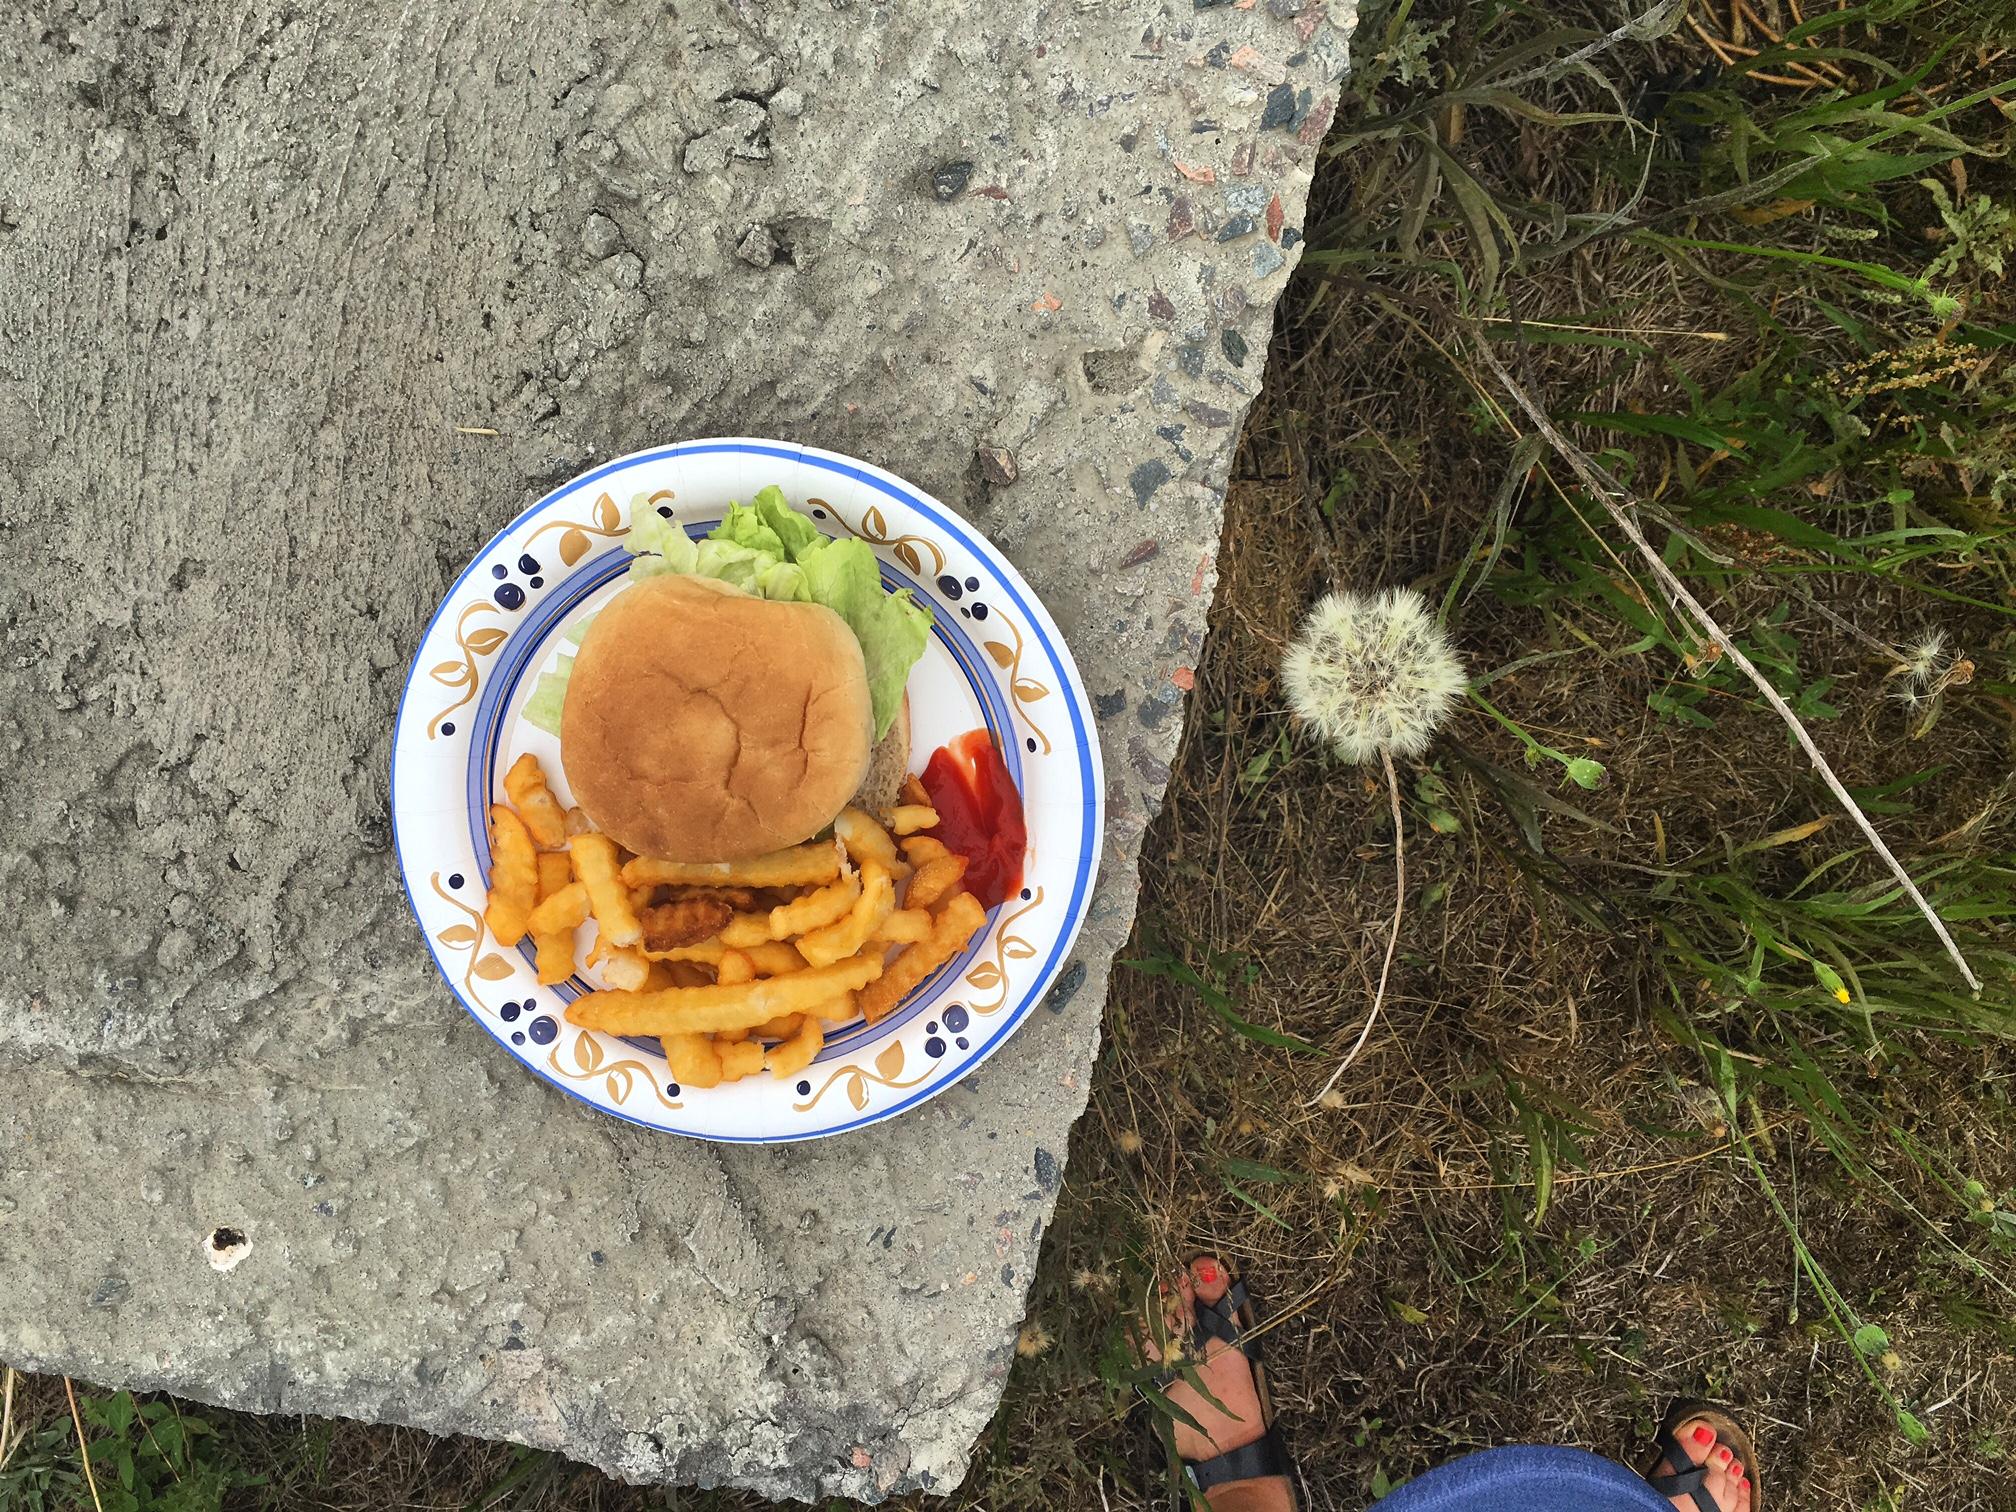 Burgers + Birkenstocks. Summer, finally.